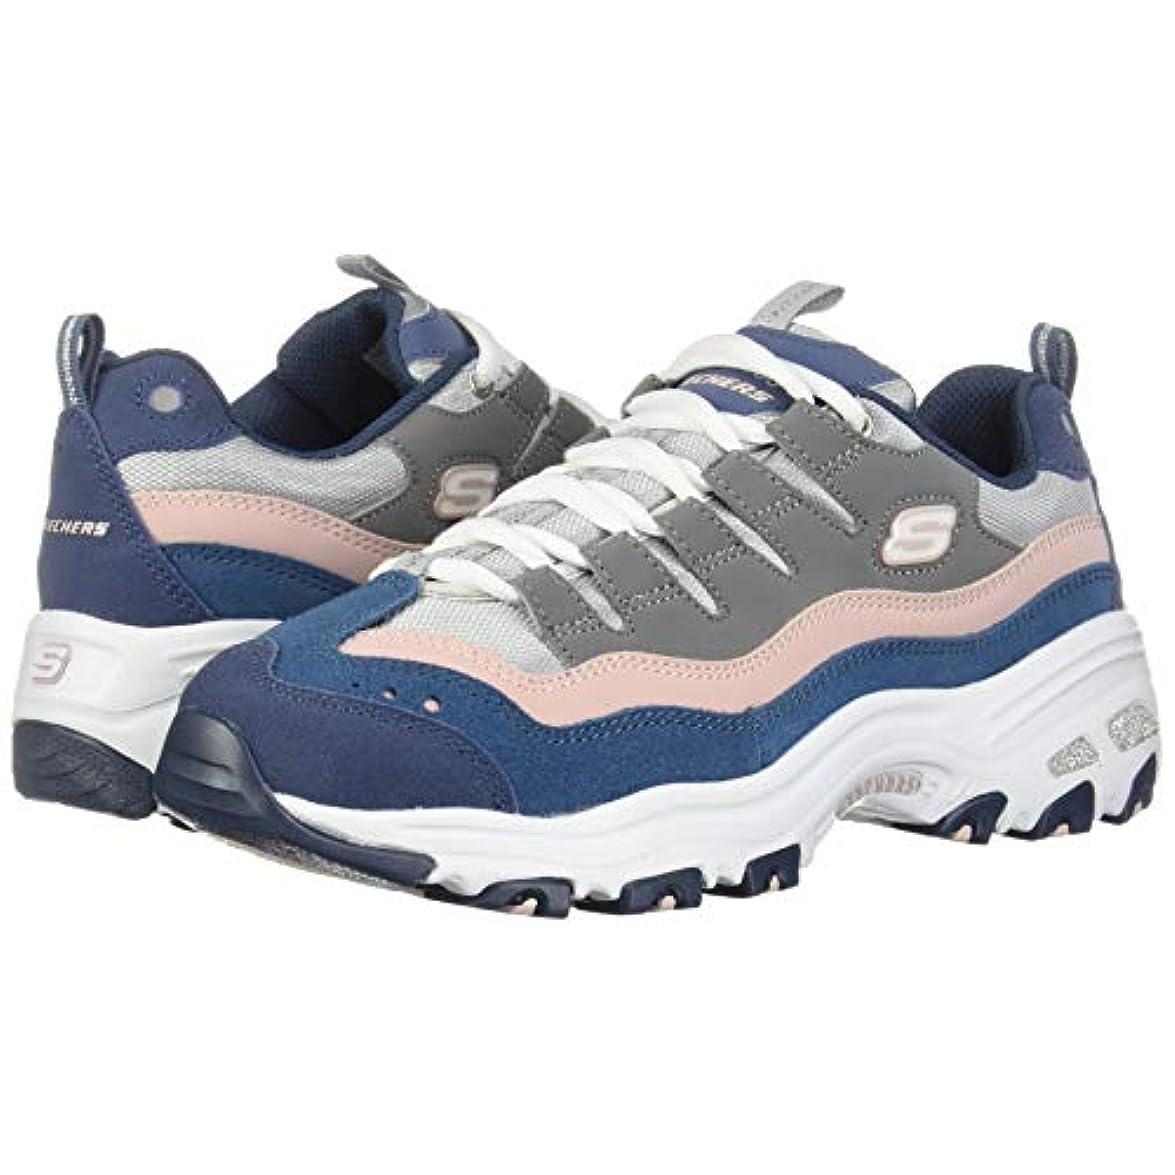 Skechers Sneaker Donna Navy pink